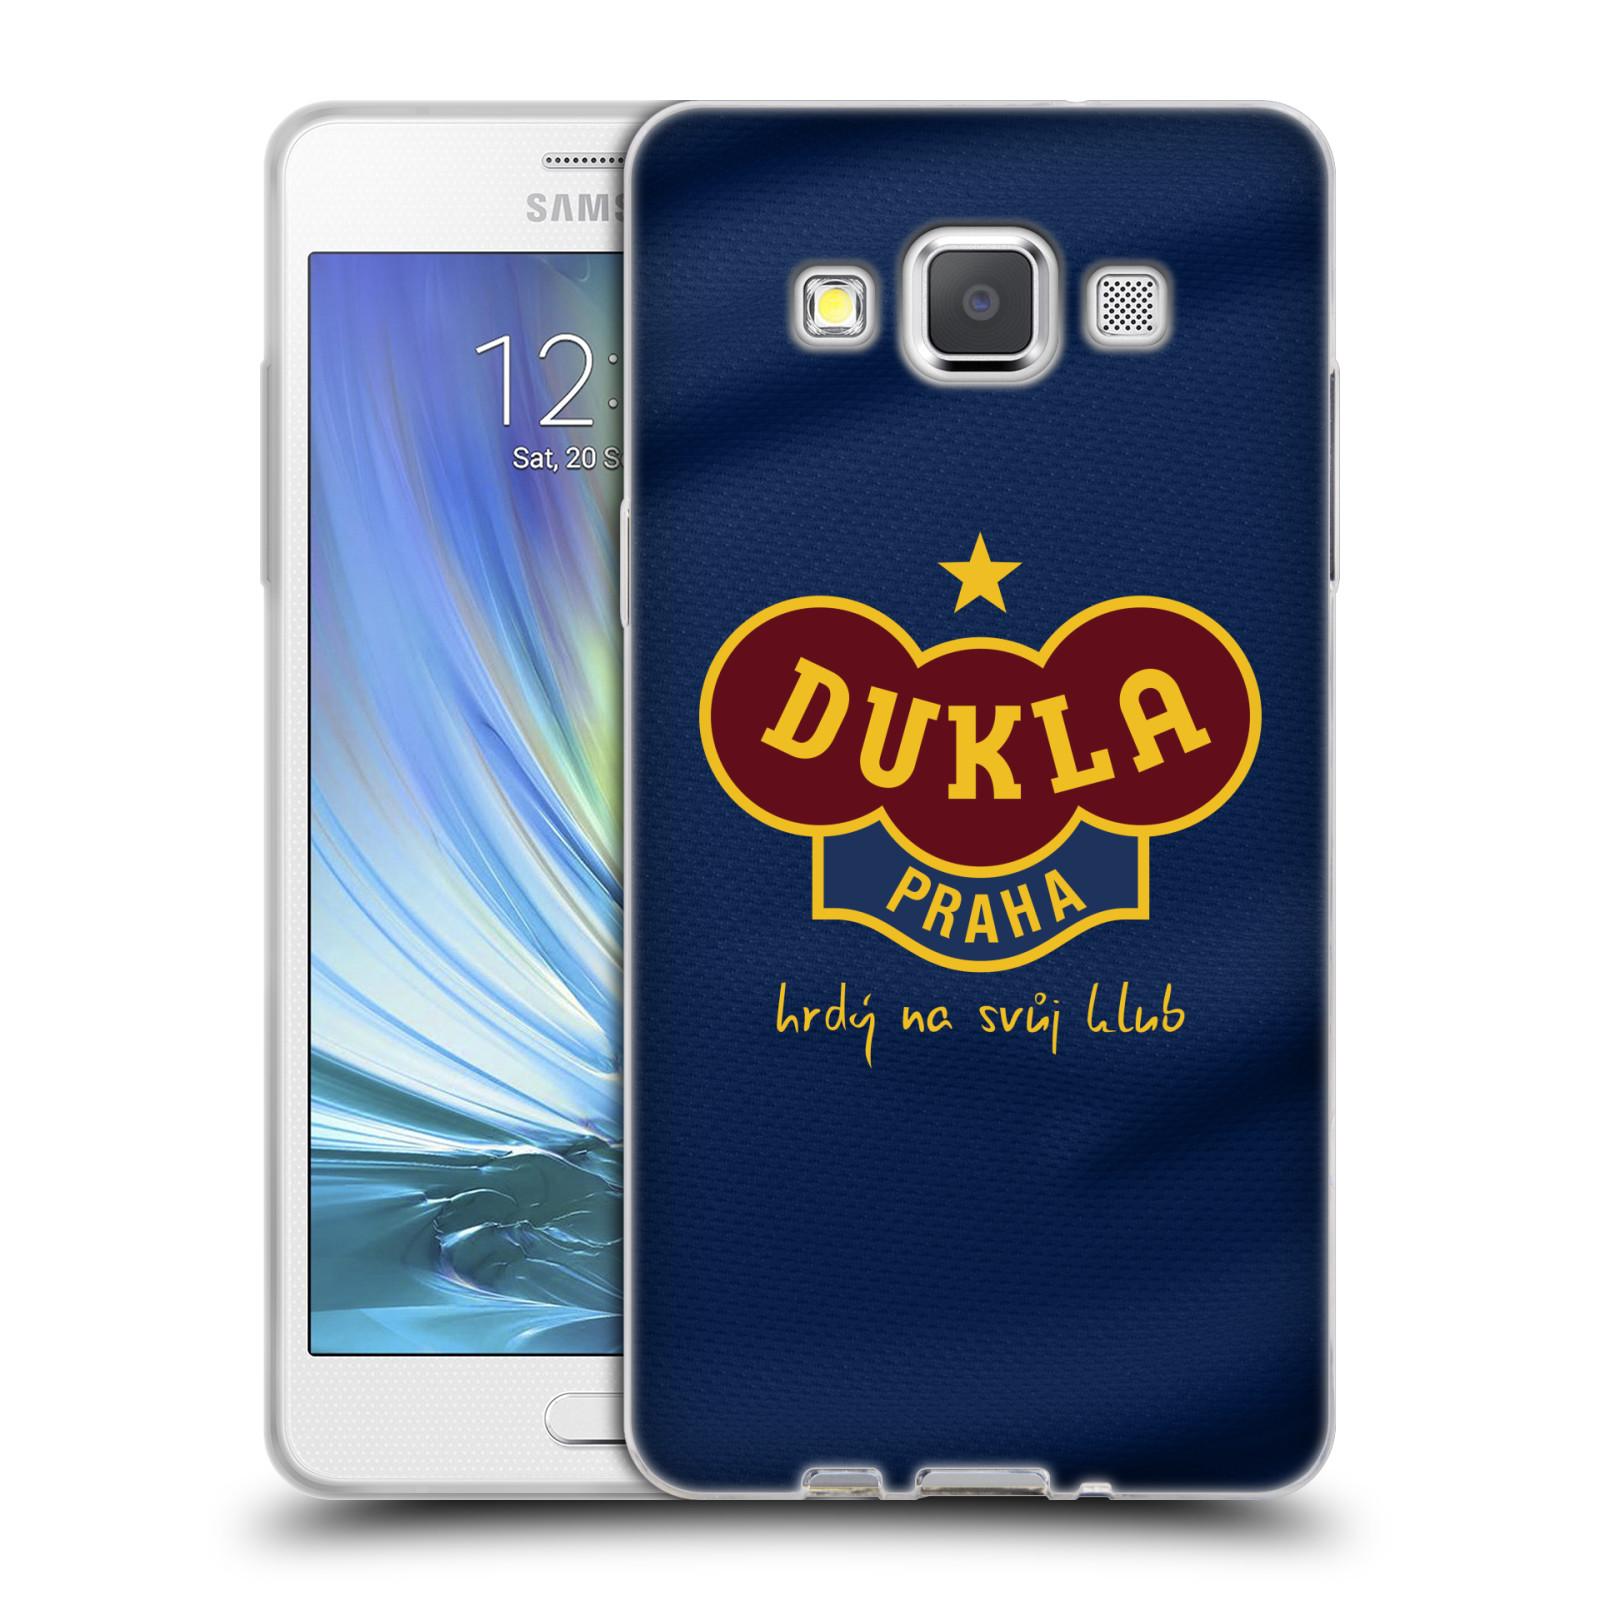 Silikonové pouzdro na mobil Samsung Galaxy A5 - FK Dukla Praha - Modrý dres